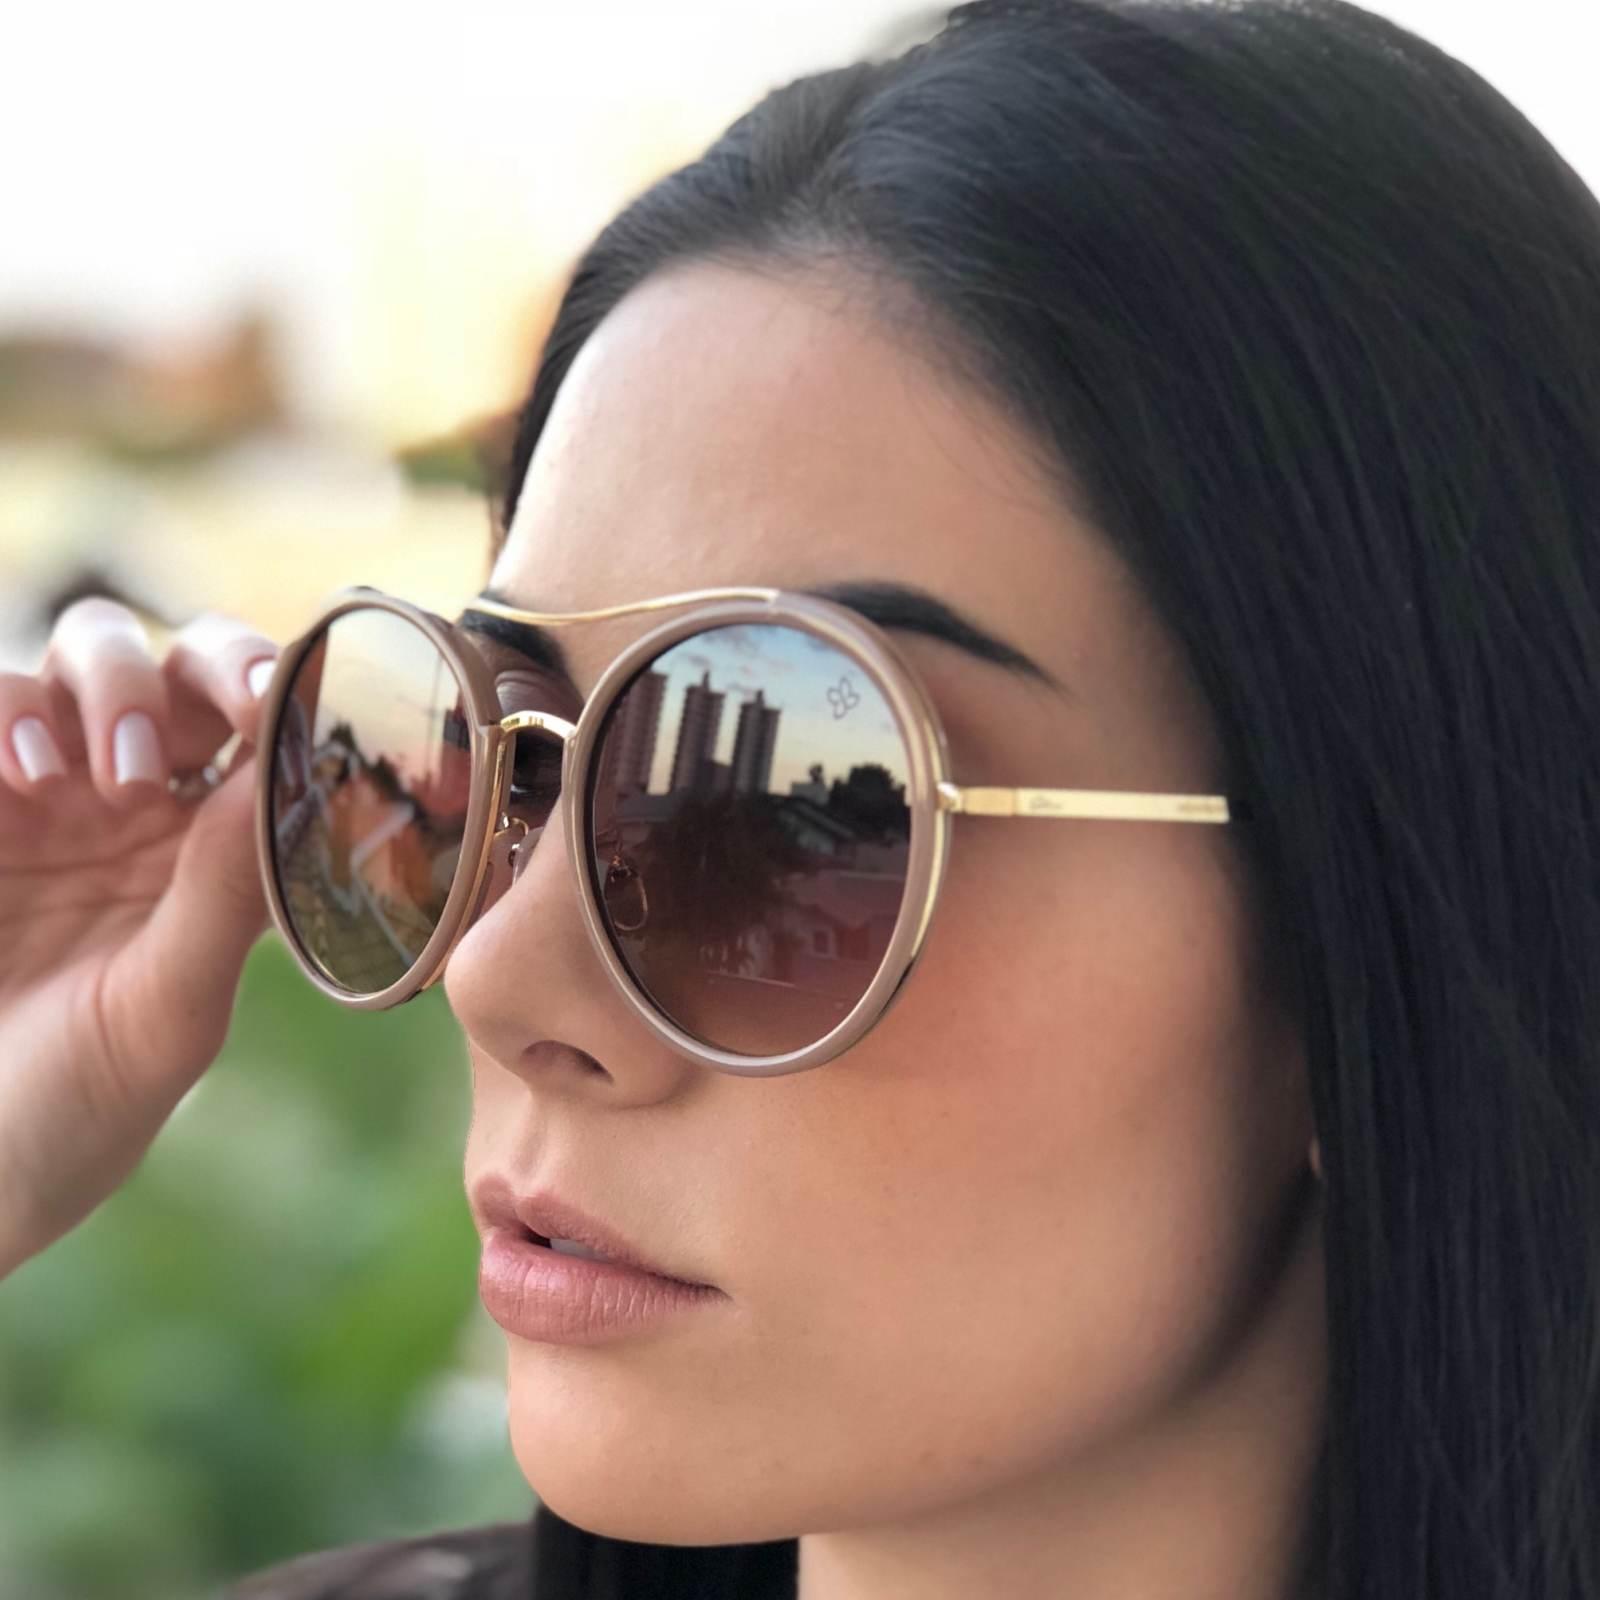 Pin de Camila Helenn em Nah Cardoso | Nah cardoso, Óculos